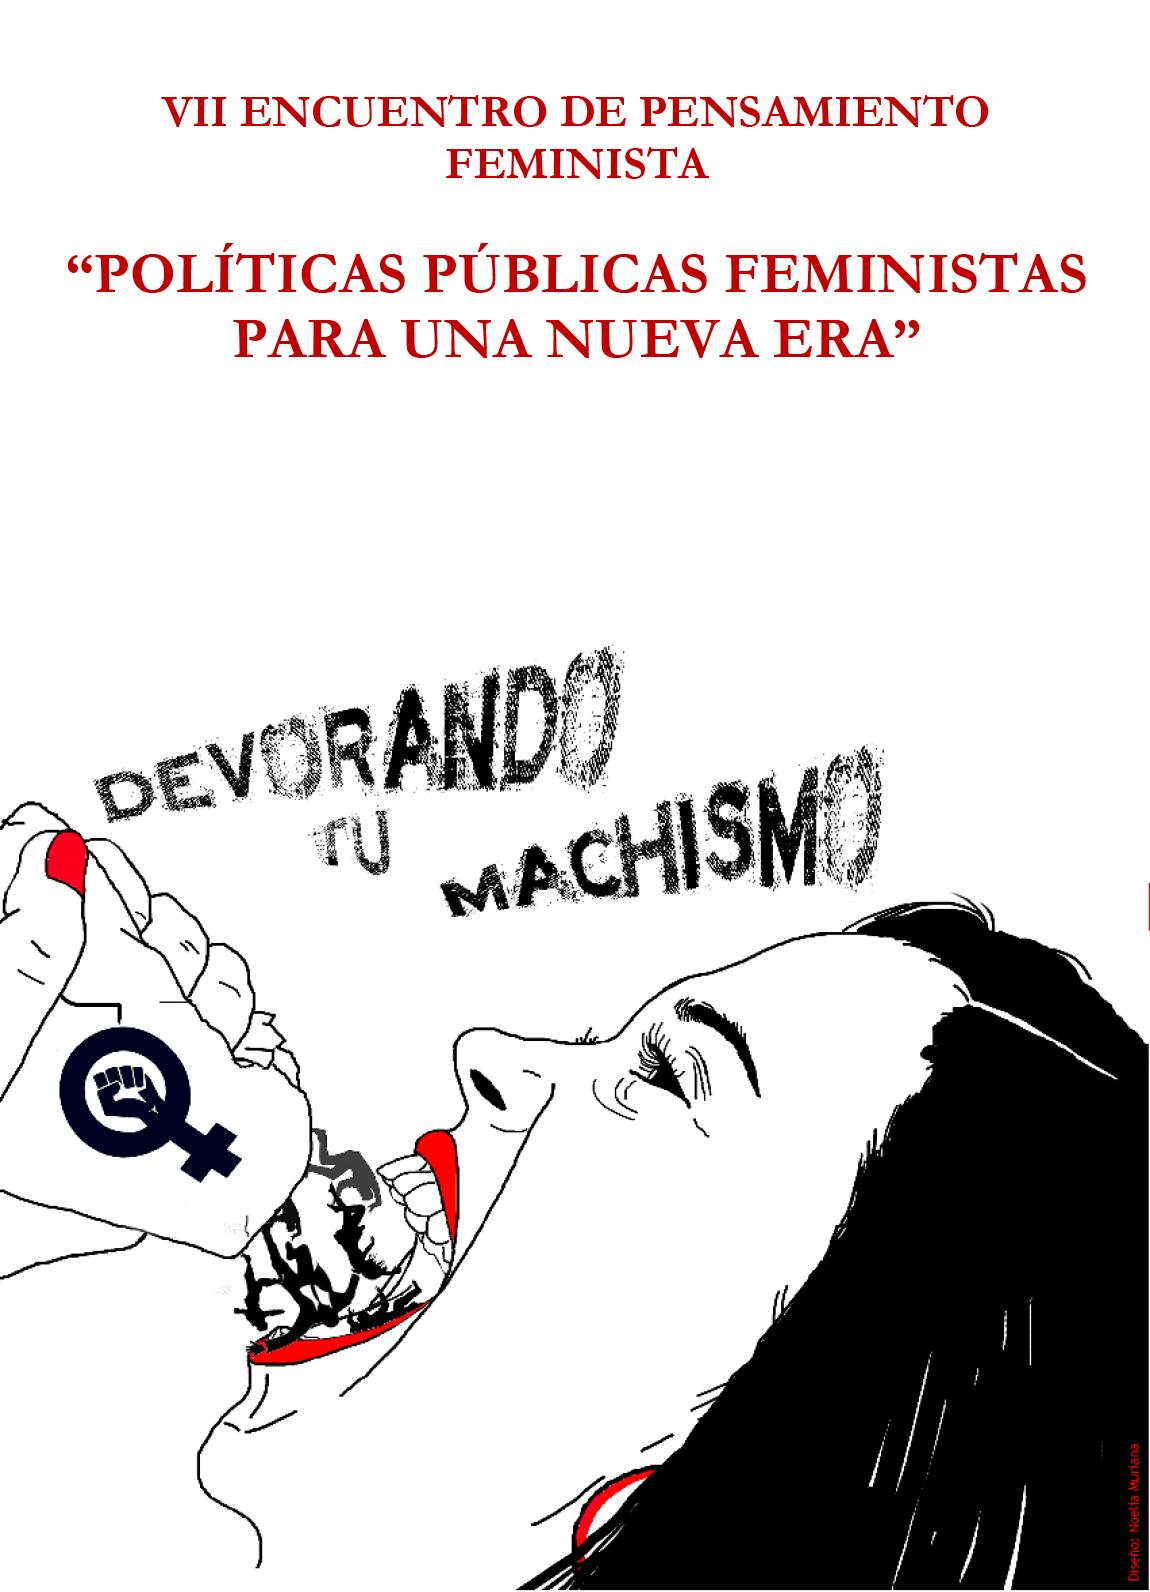 VII ENCUENTRO DE JORNADAS FEMINISTAS 2019